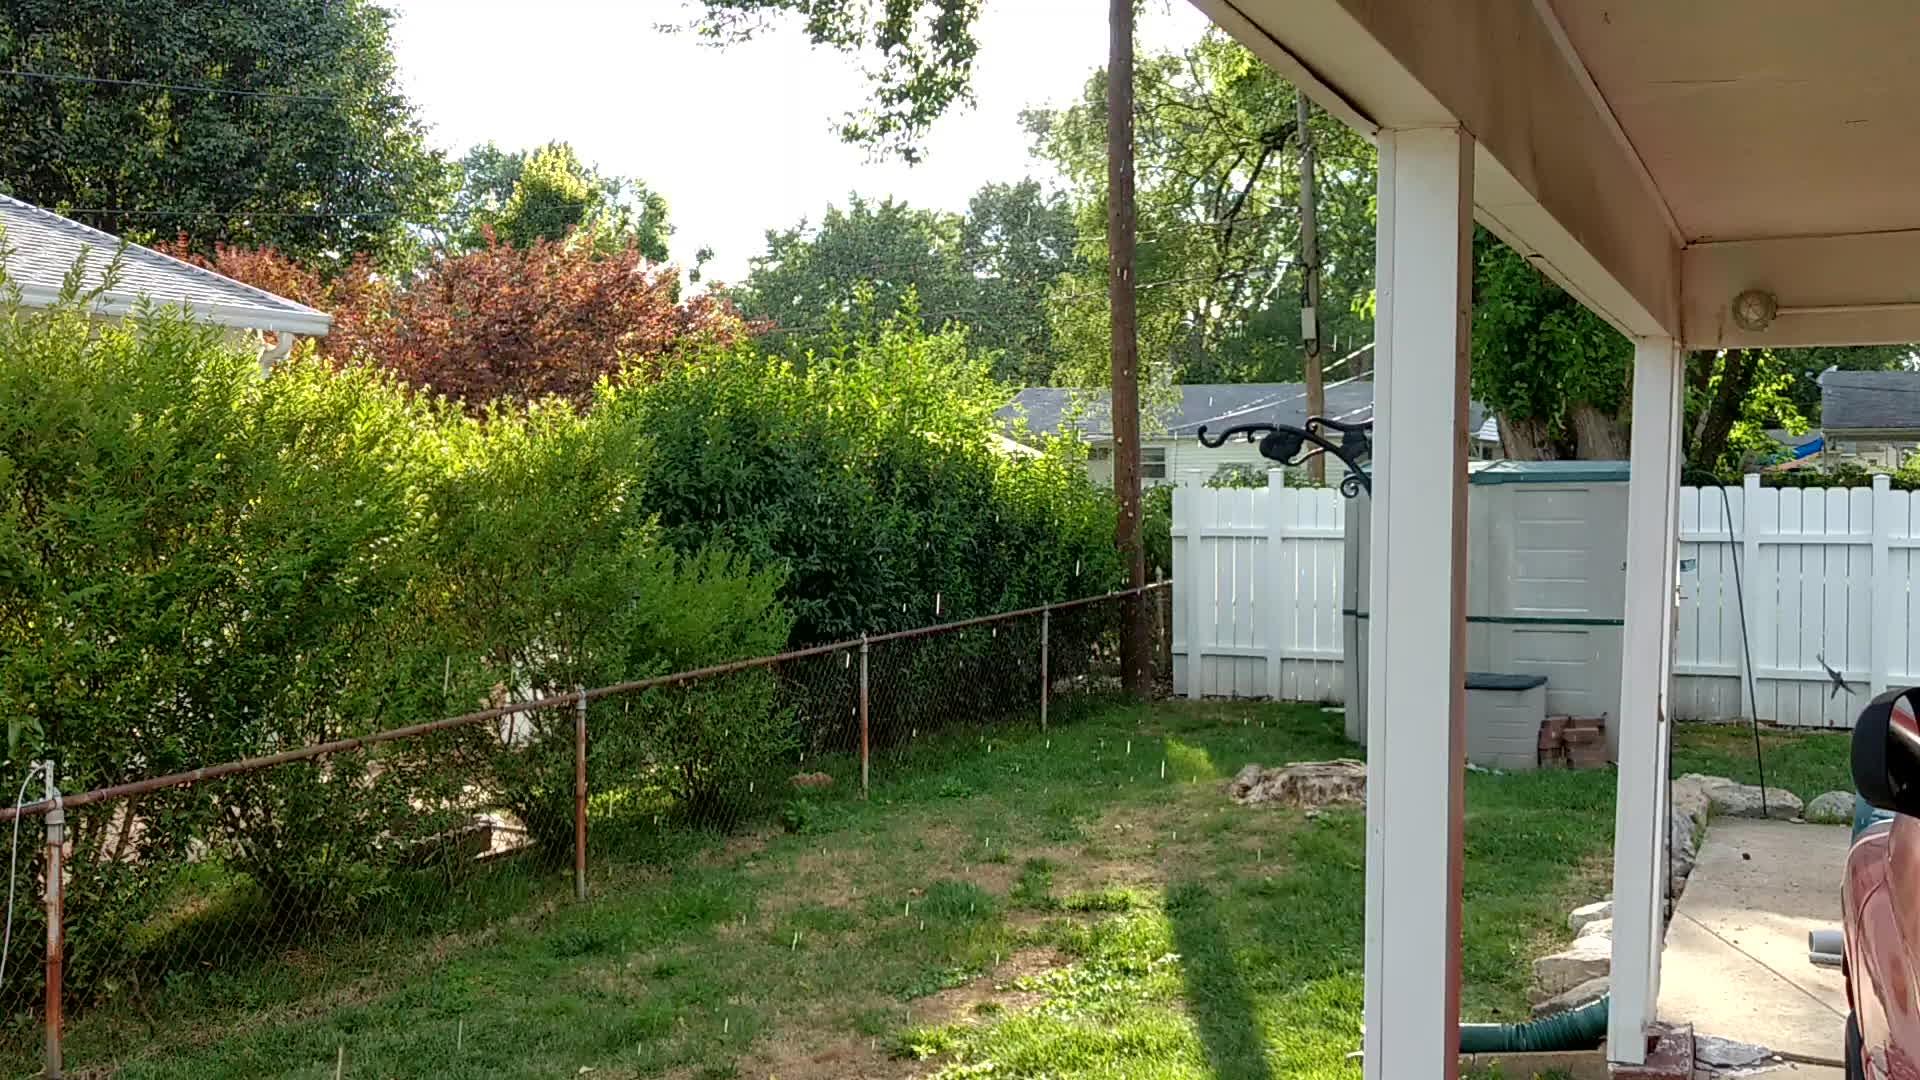 WeatherGifs, sunshine, weather, Missouri weather, raining while it's full sun. GIFs